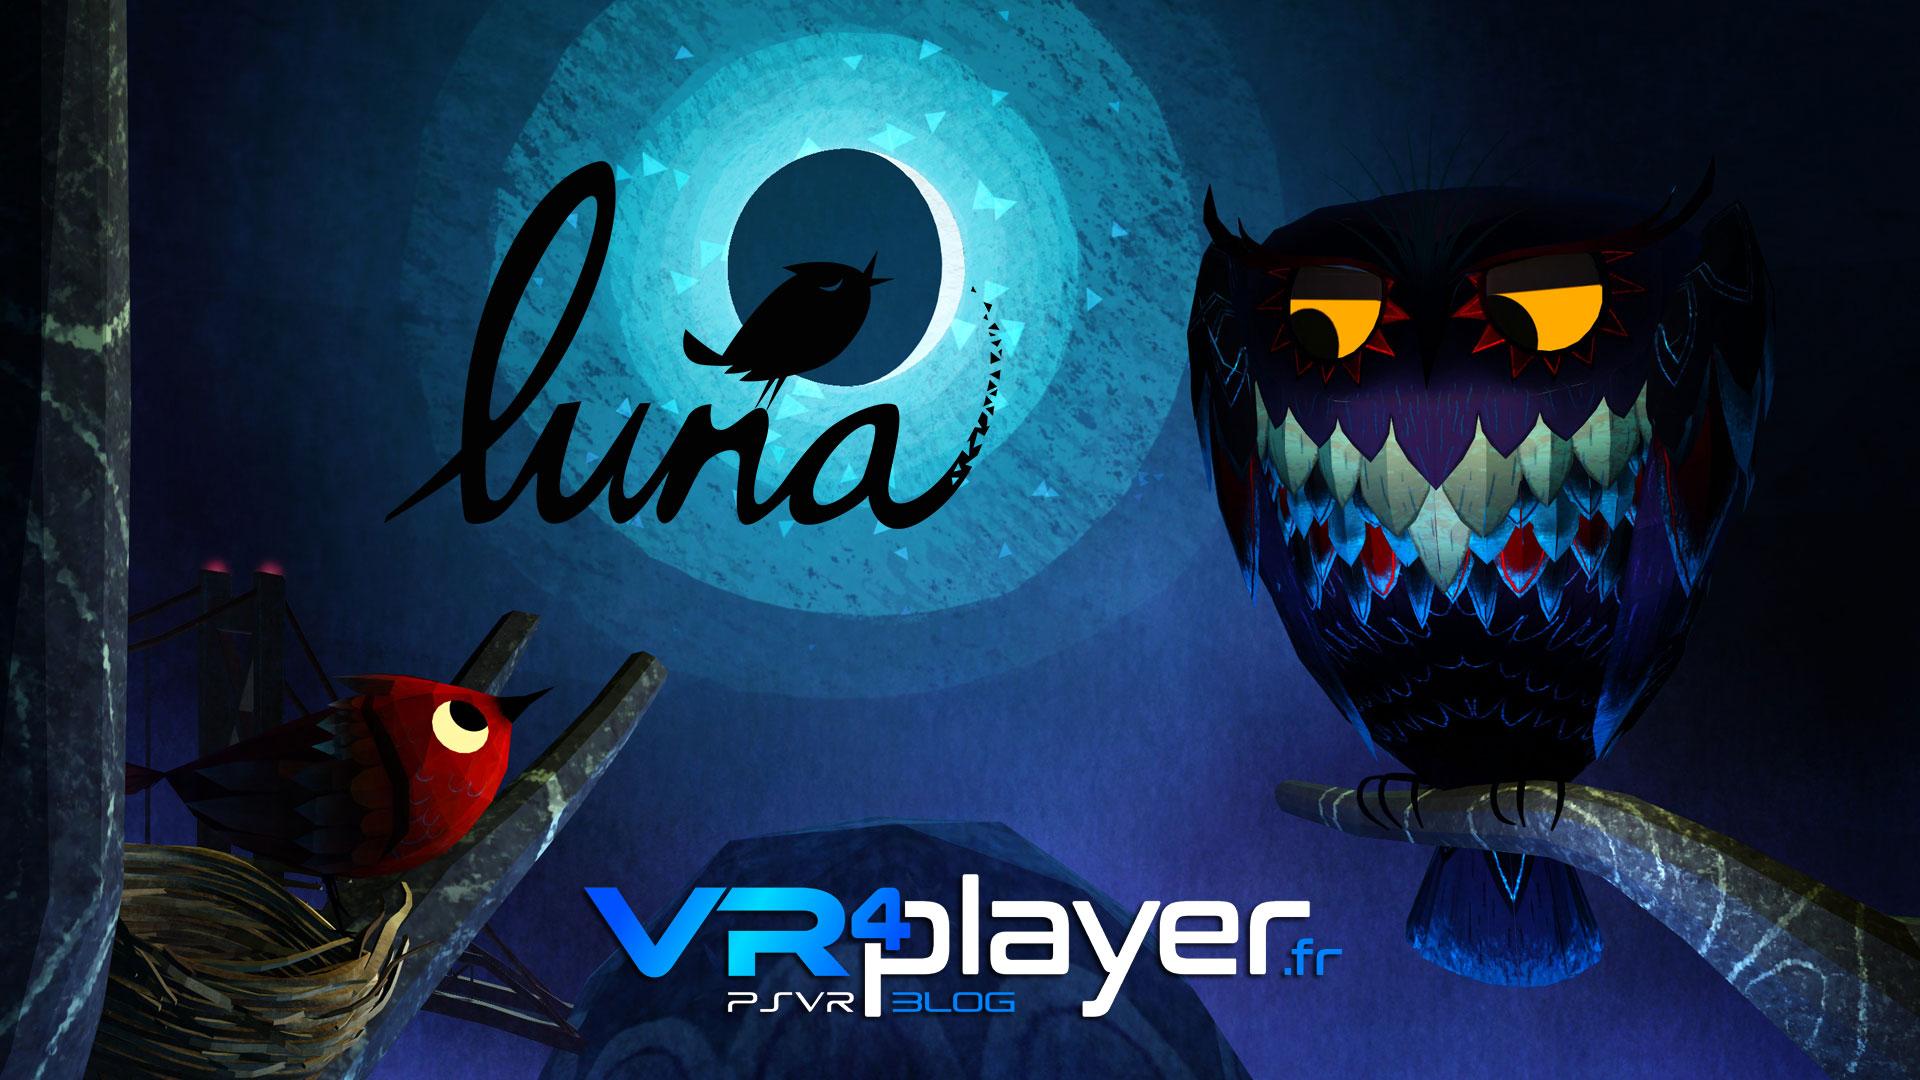 Luna pour cet automne sur PSVR vr4player.fr